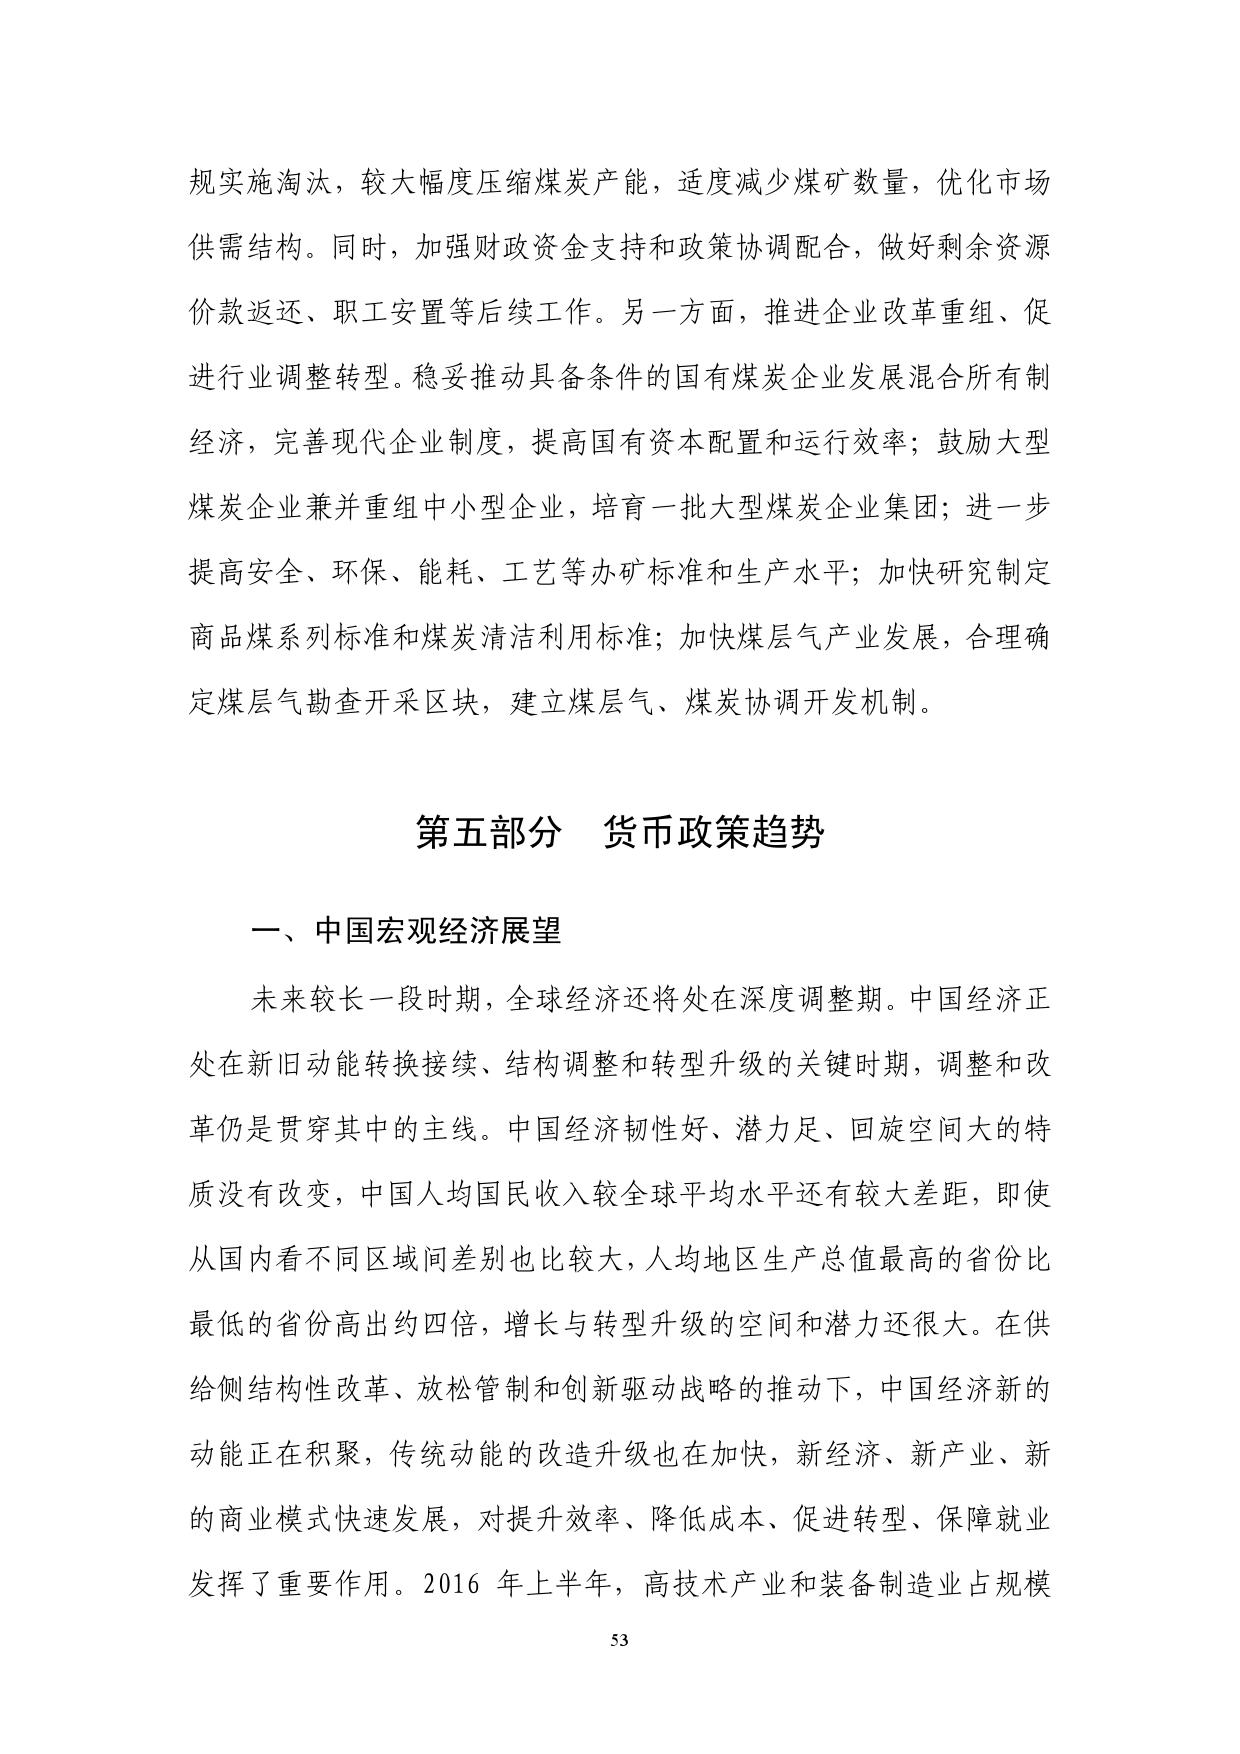 2016年Q2中国货币政策执行报告_000059